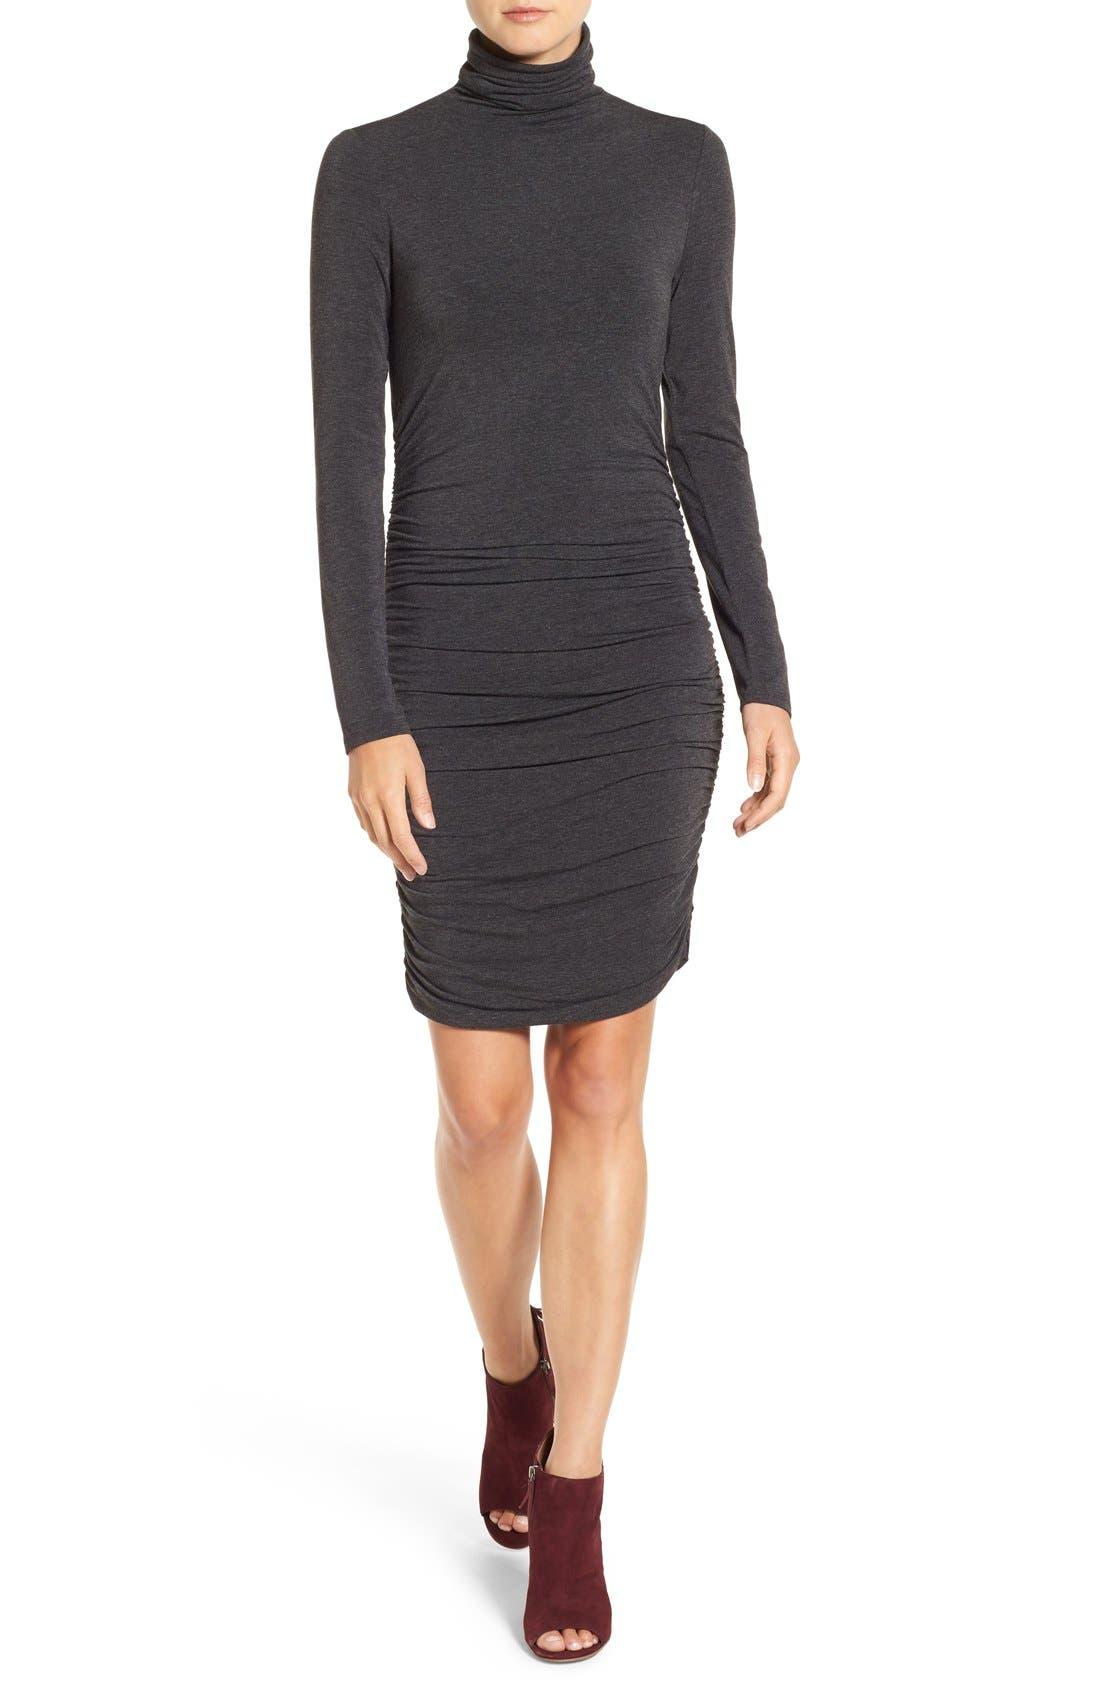 Alternate Image 1 Selected - Halogen® Side Ruched Turtleneck Dress